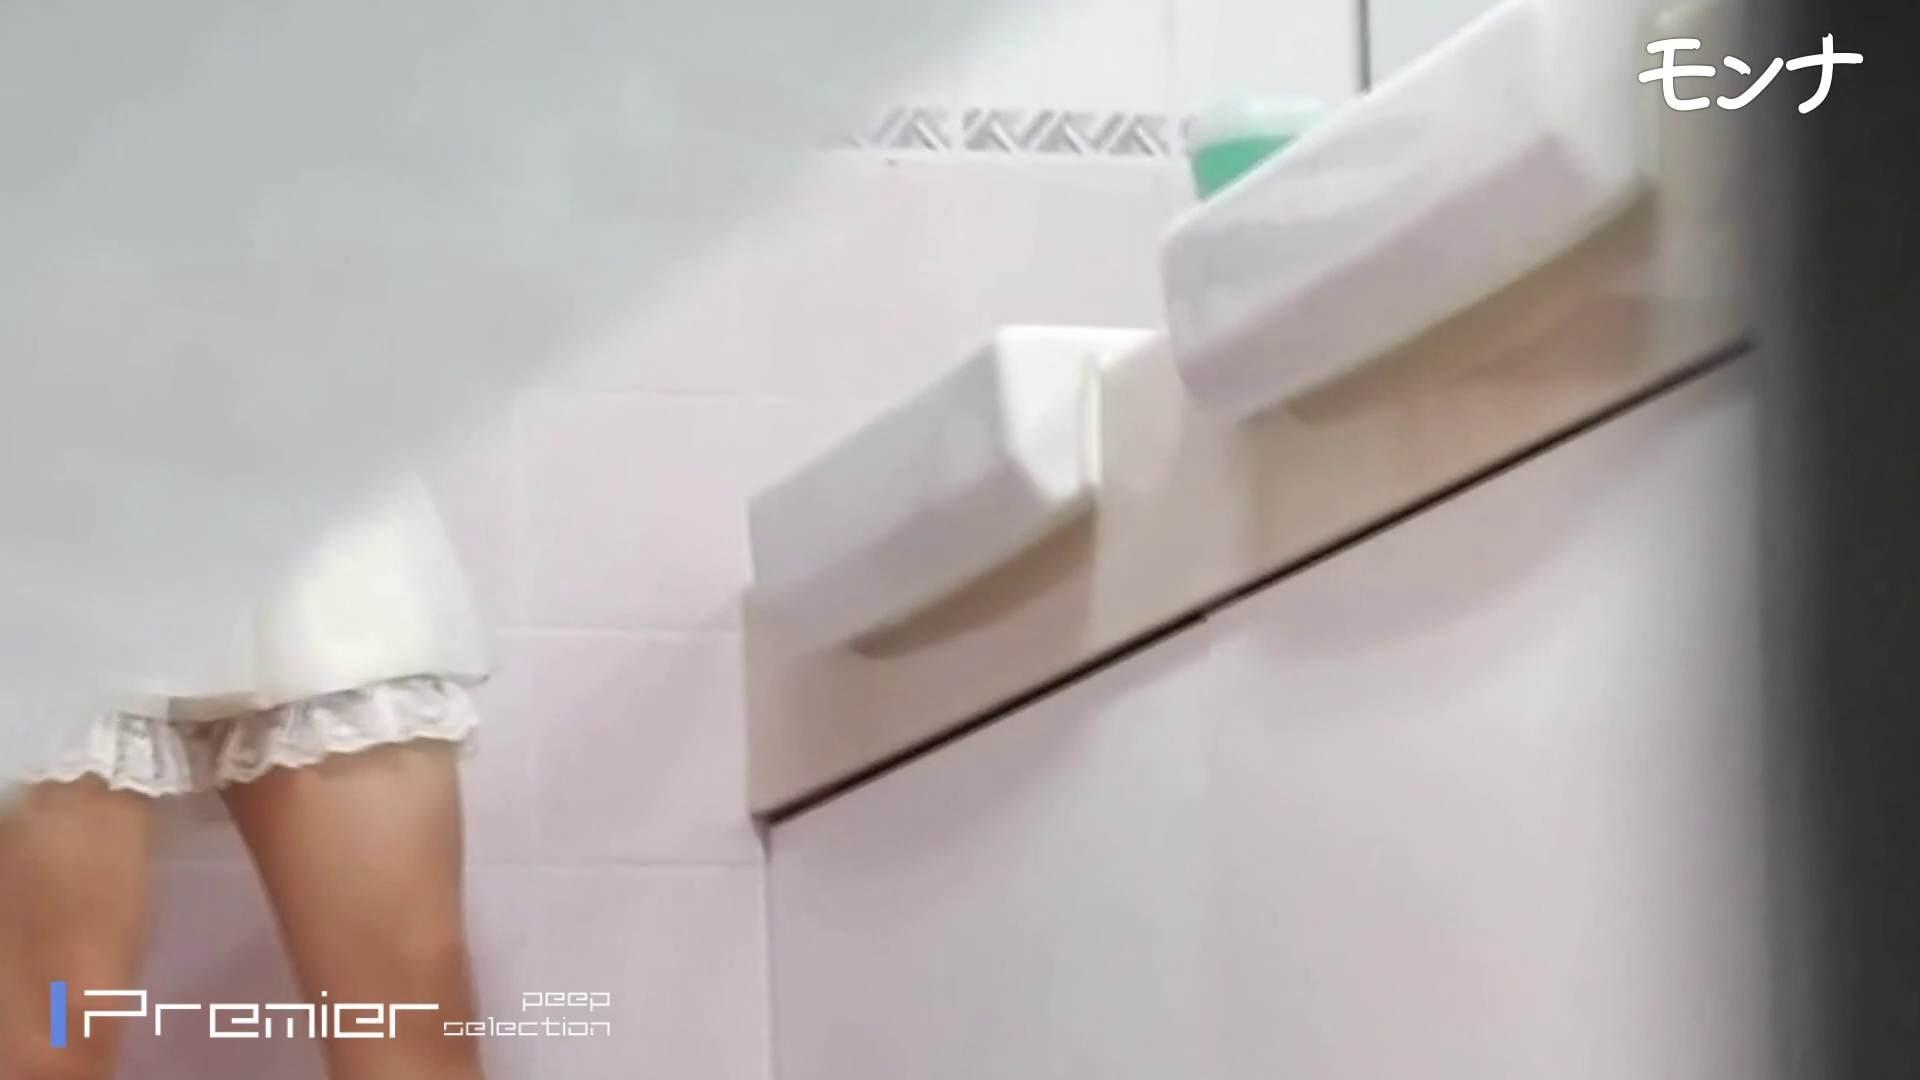 CM 悶絶シリーズ5 【美しい日本の未来 No.128】 高評価 戯れ無修正画像 88画像 48